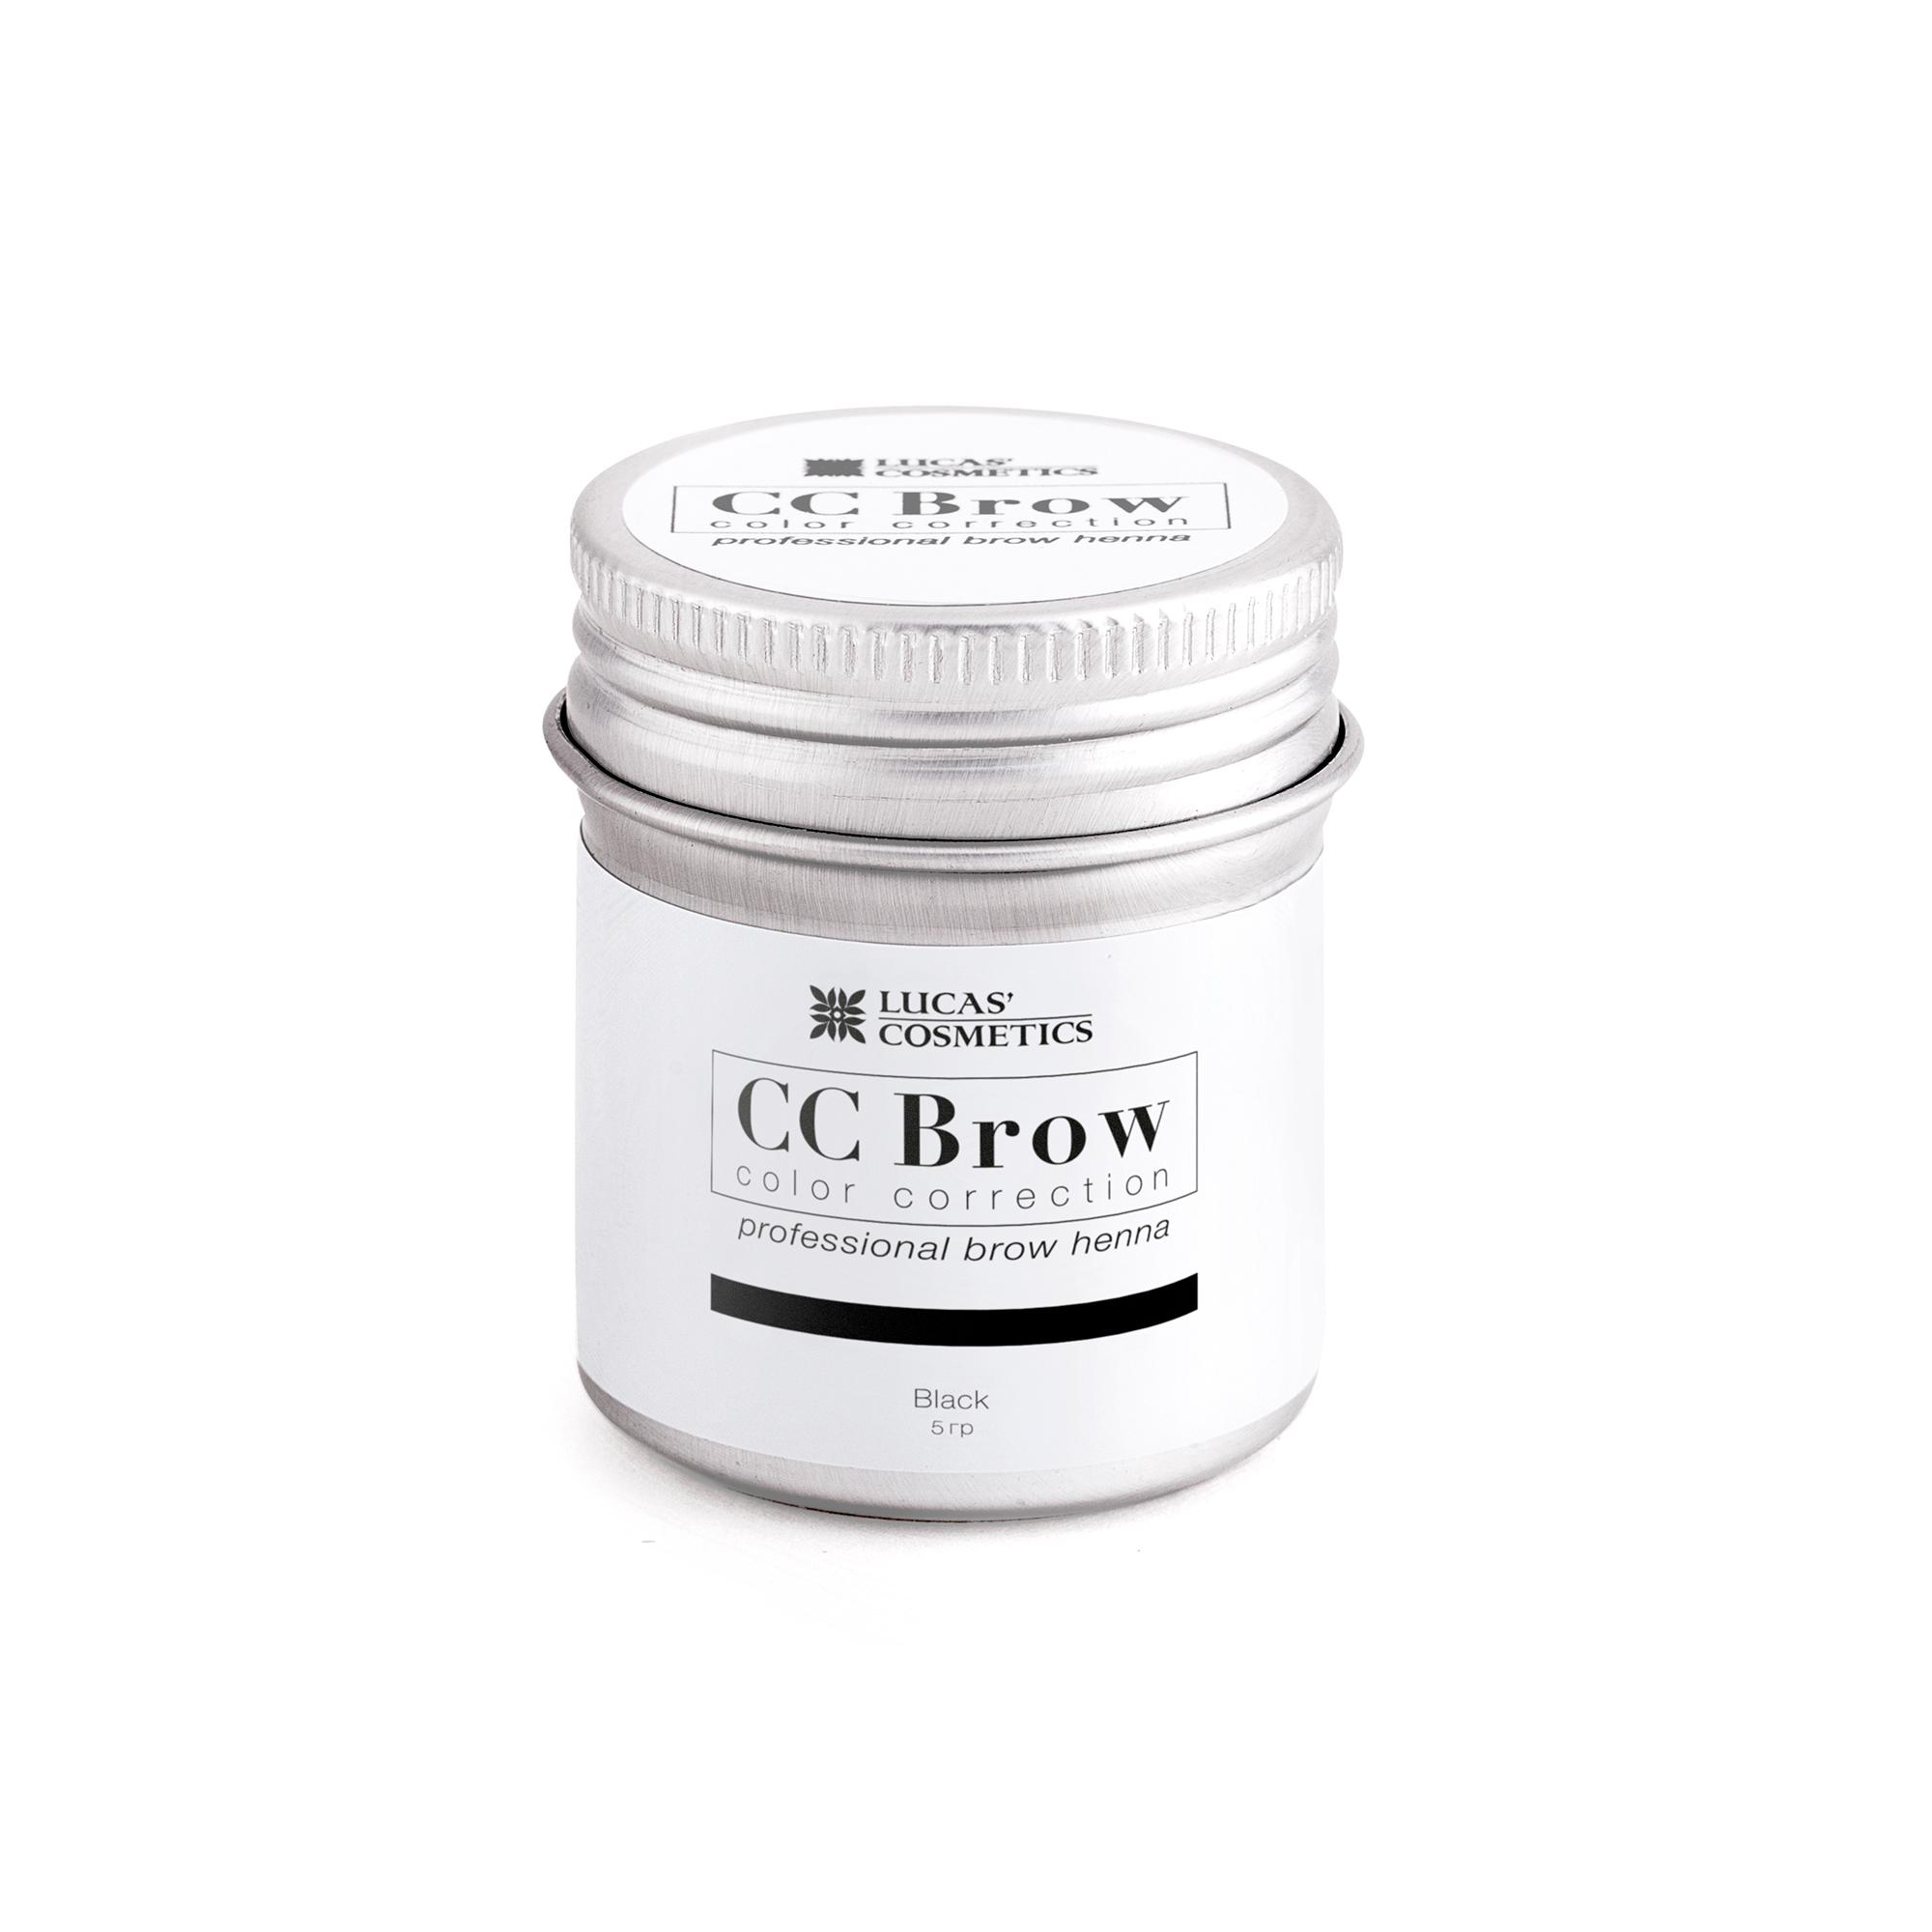 LUCAS' COSMETICS Хна для бровей, черный (в баночке) / CC Brow black 5 г - Хна для бровей